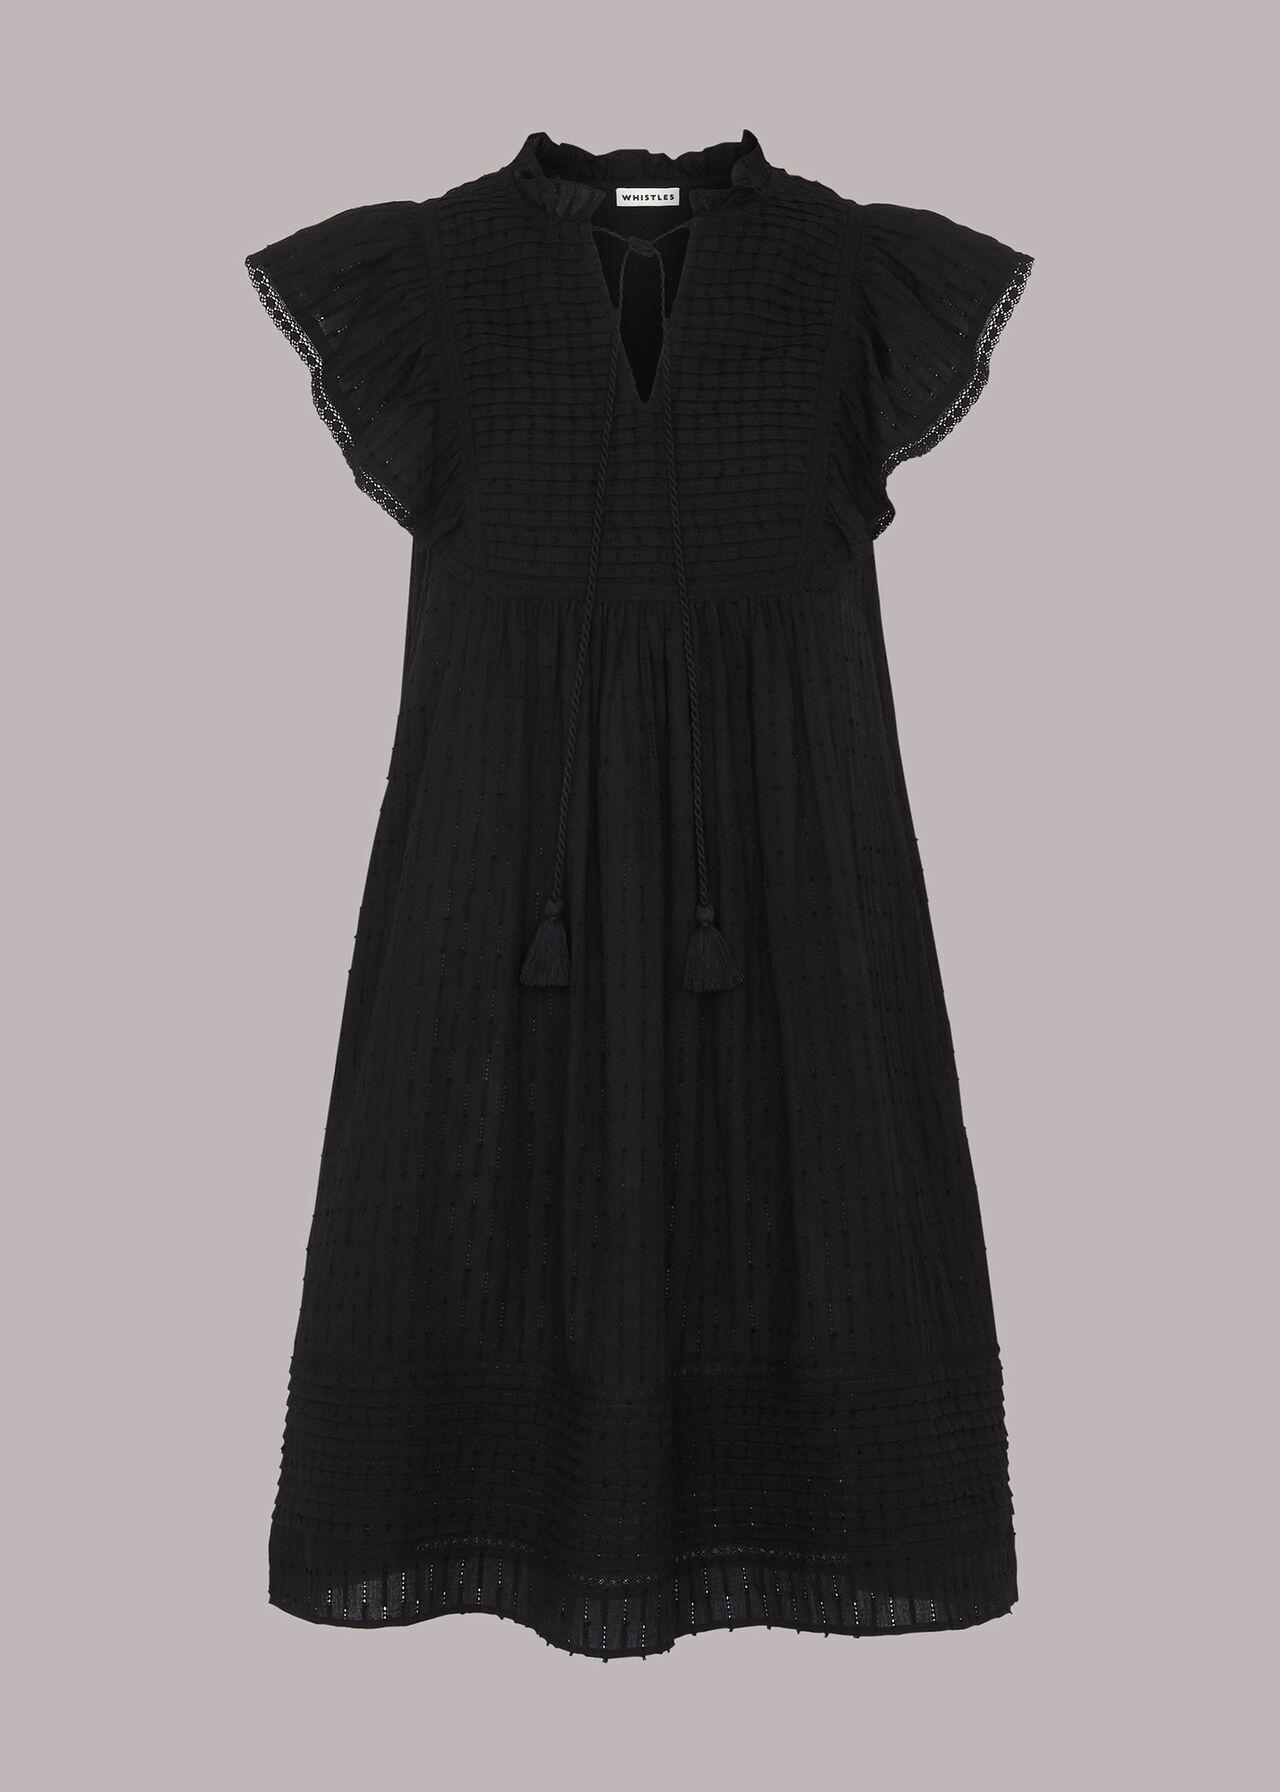 Pintuck Frill Cotton Dress Black